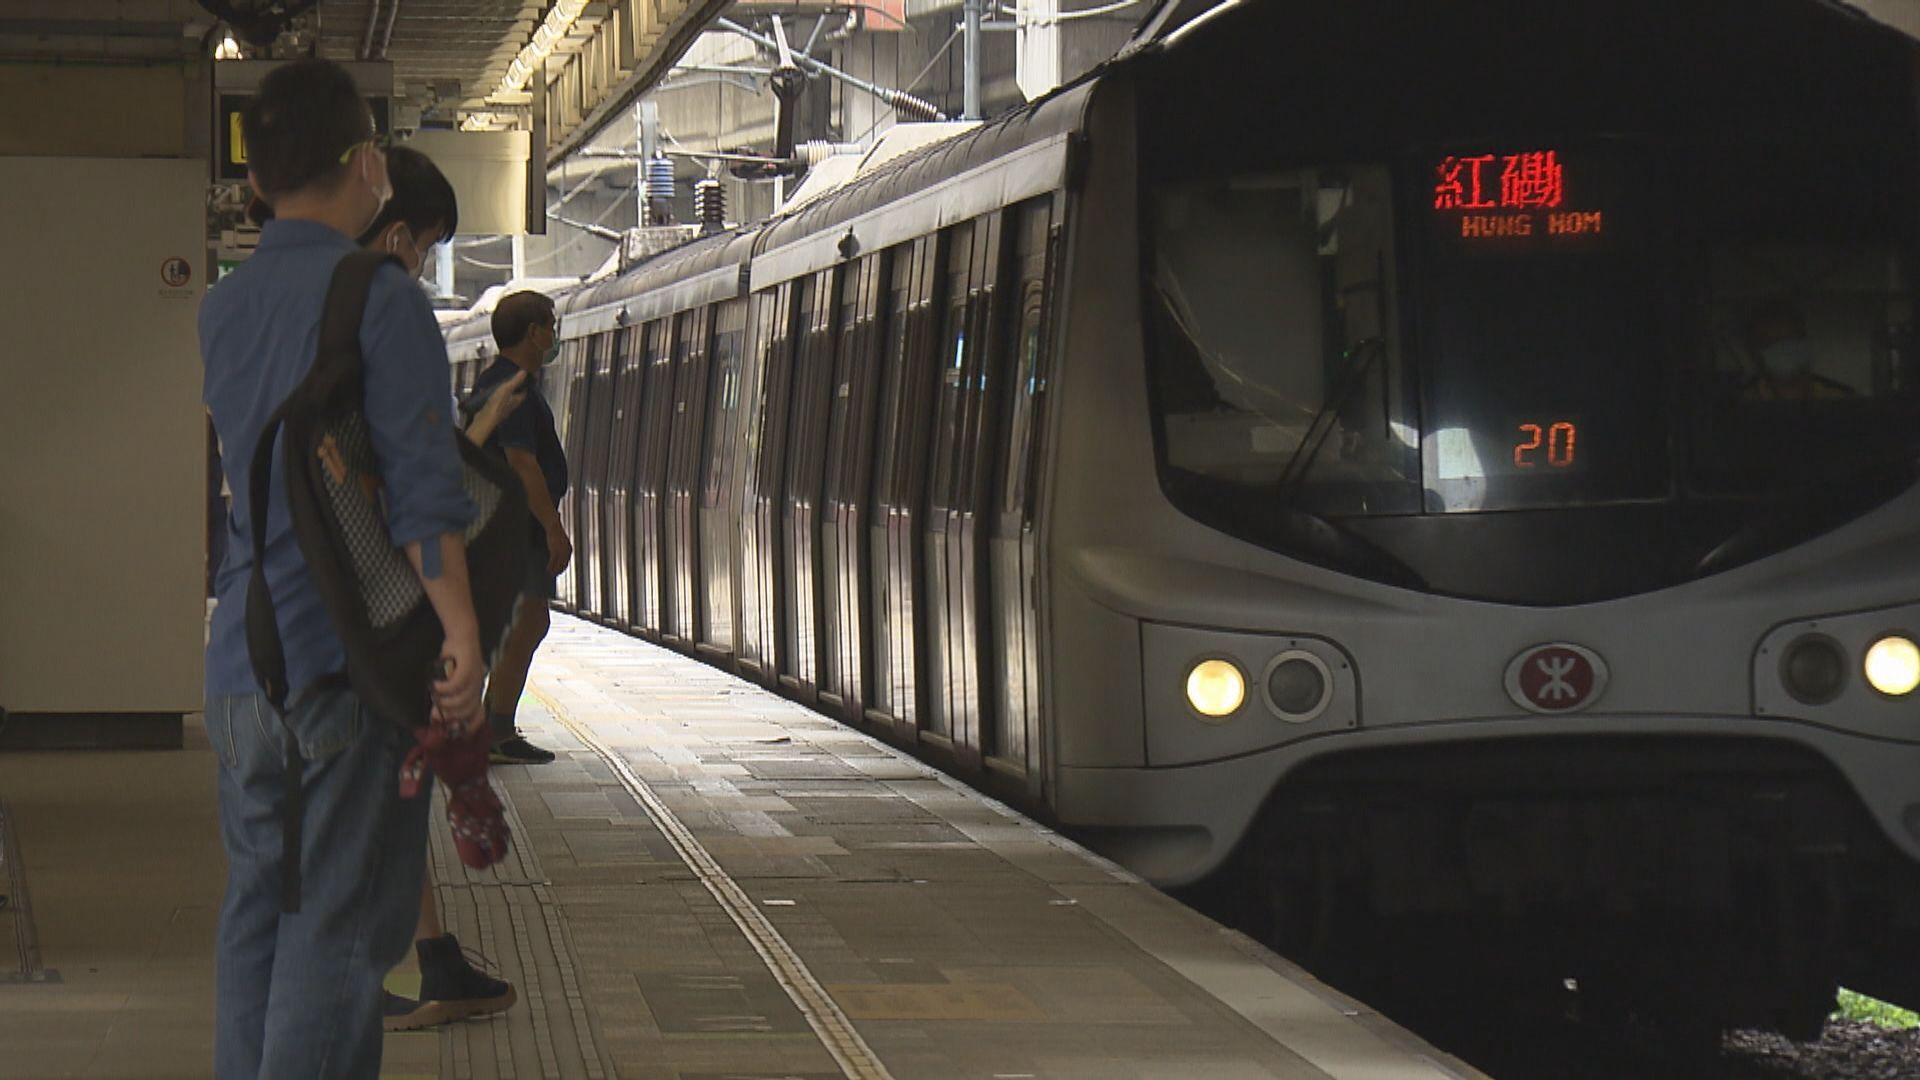 政府計劃成立鐵路署 加強監管鐵路